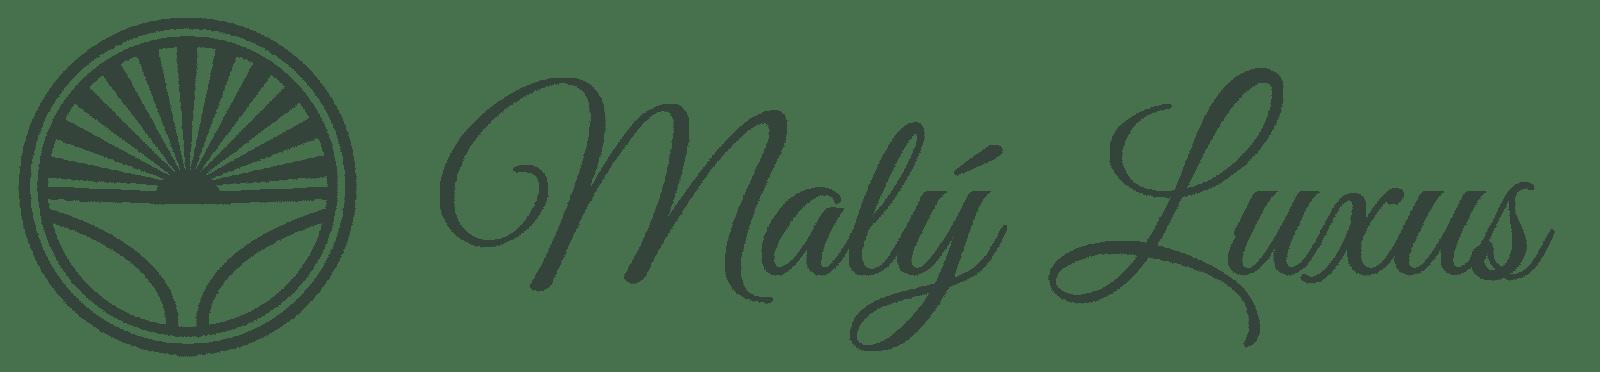 malyluxus medium 03